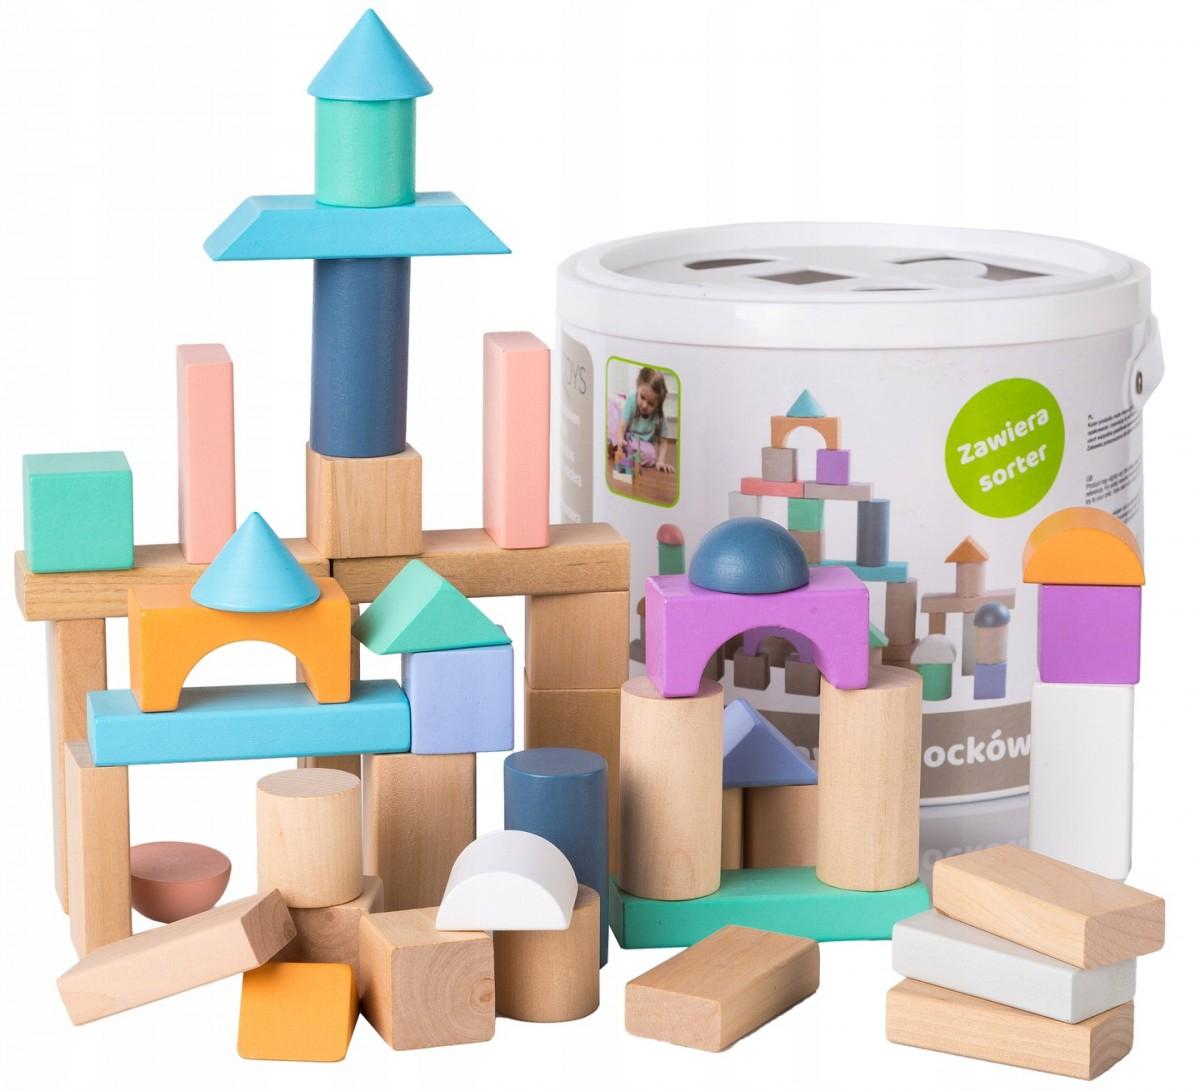 ECOTOYS Dřevěné kostky Eco Toys 50 ks